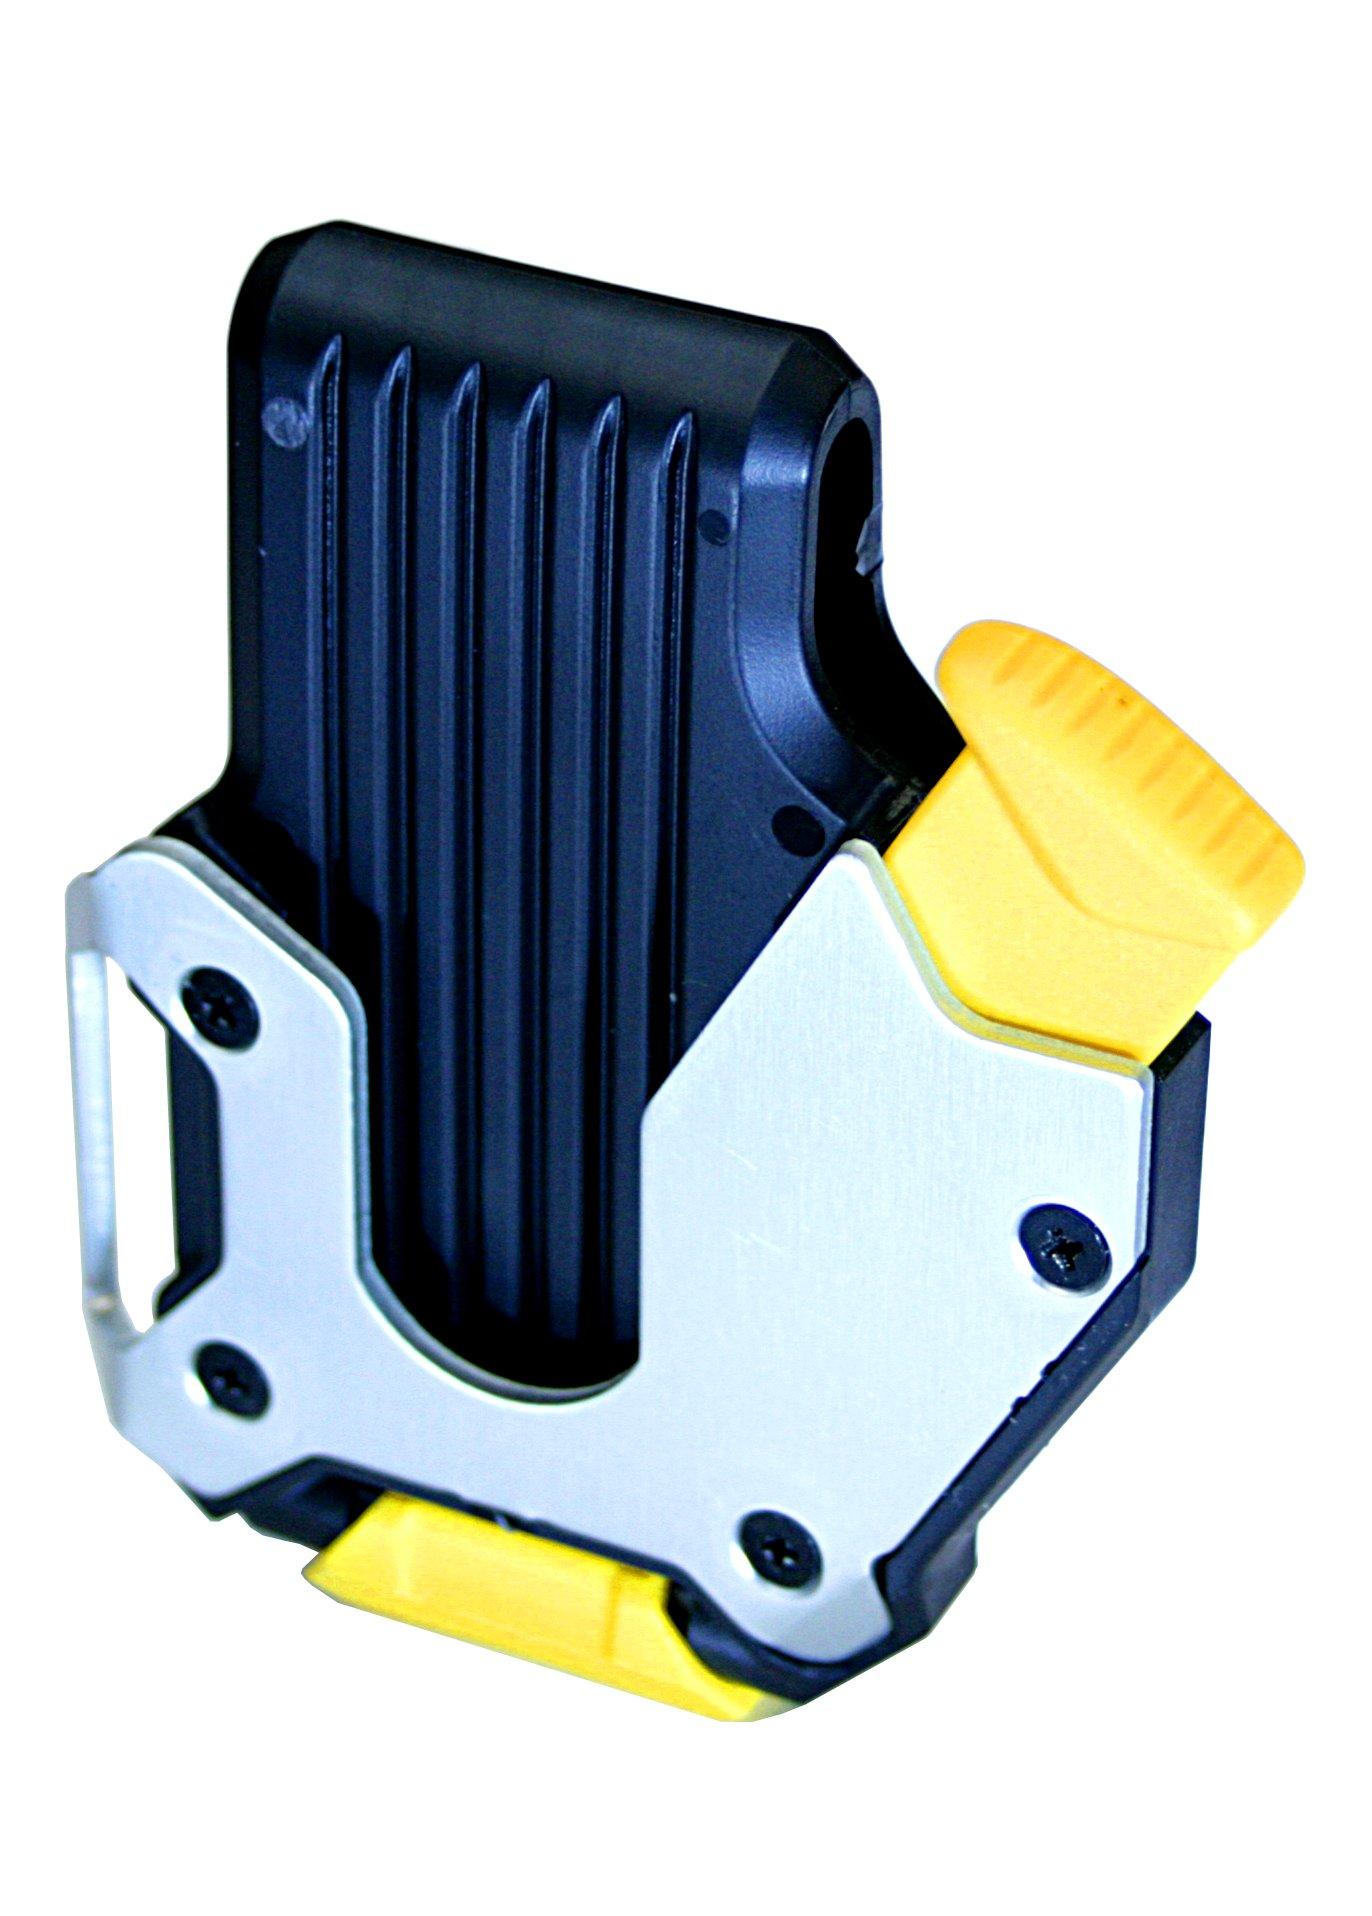 KDS SH-01 Locking Belt Clip for Measuring Tapes, Black/Silver by KDS (Image #1)